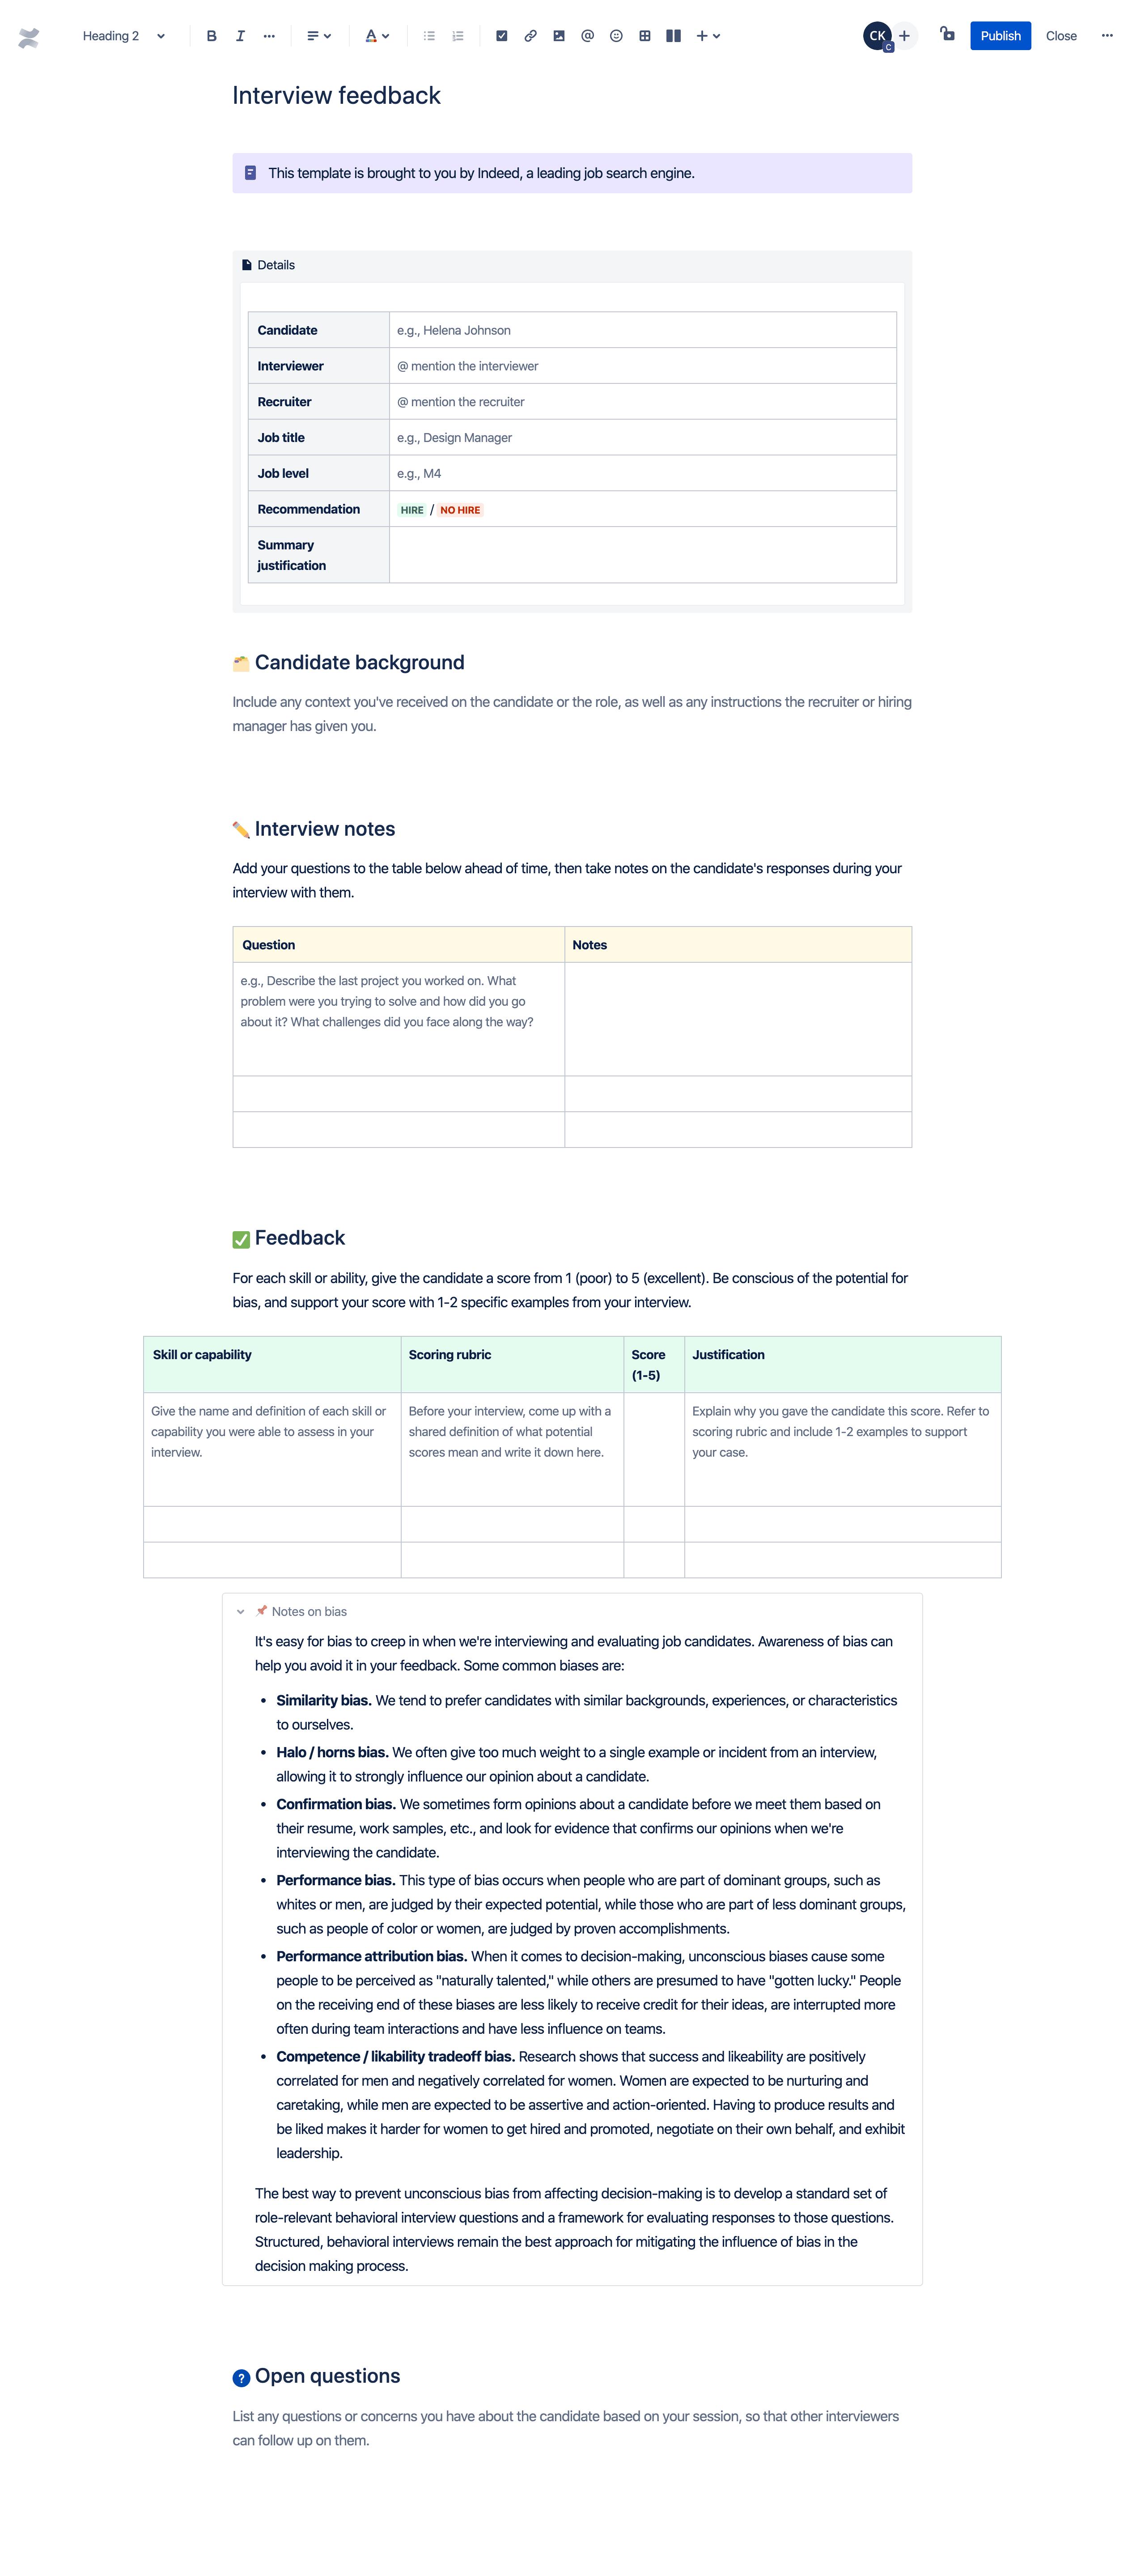 Modèle de feedback sur l'entretien | Atlassian